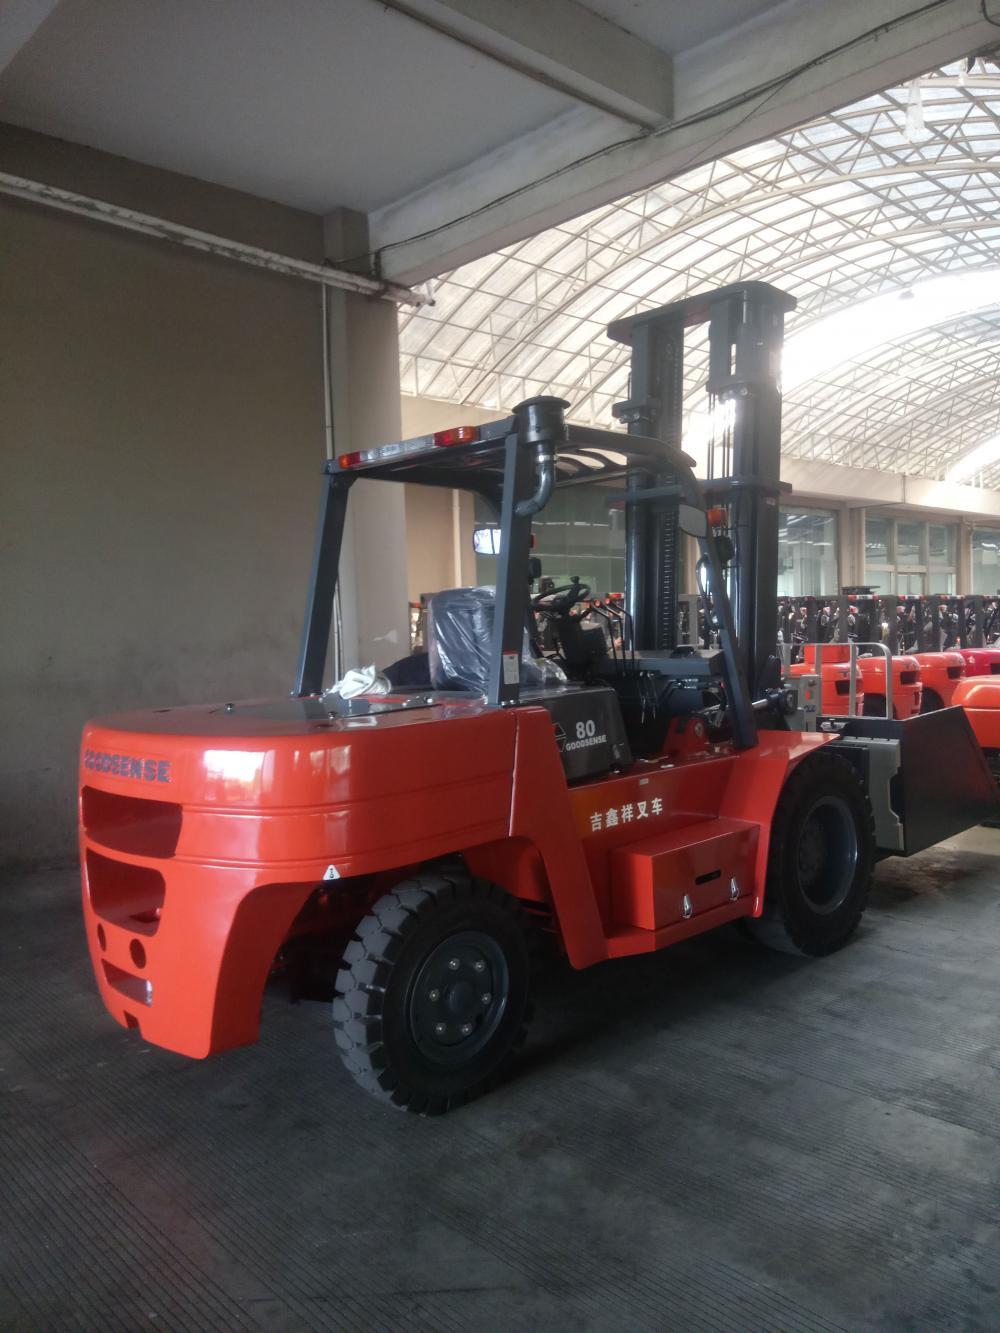 10.0 Ton Stone Forklift